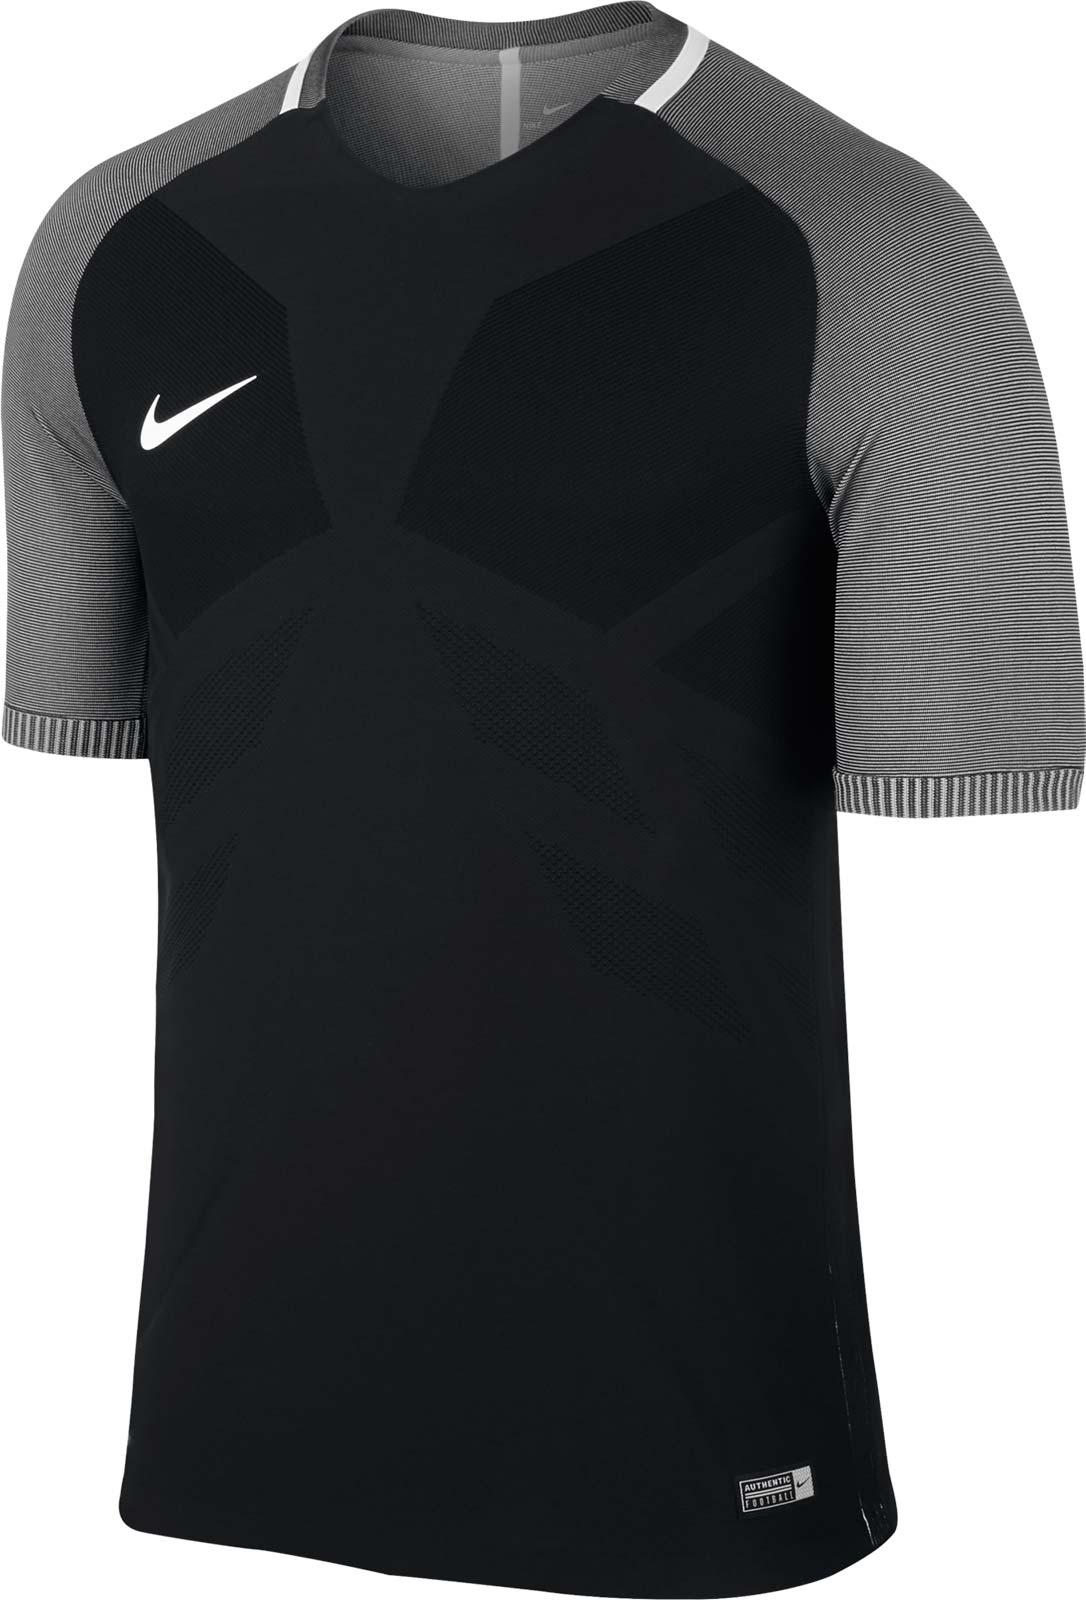 All-New Nike Vapor I / Revolution IV Teamwear Jerseys ...